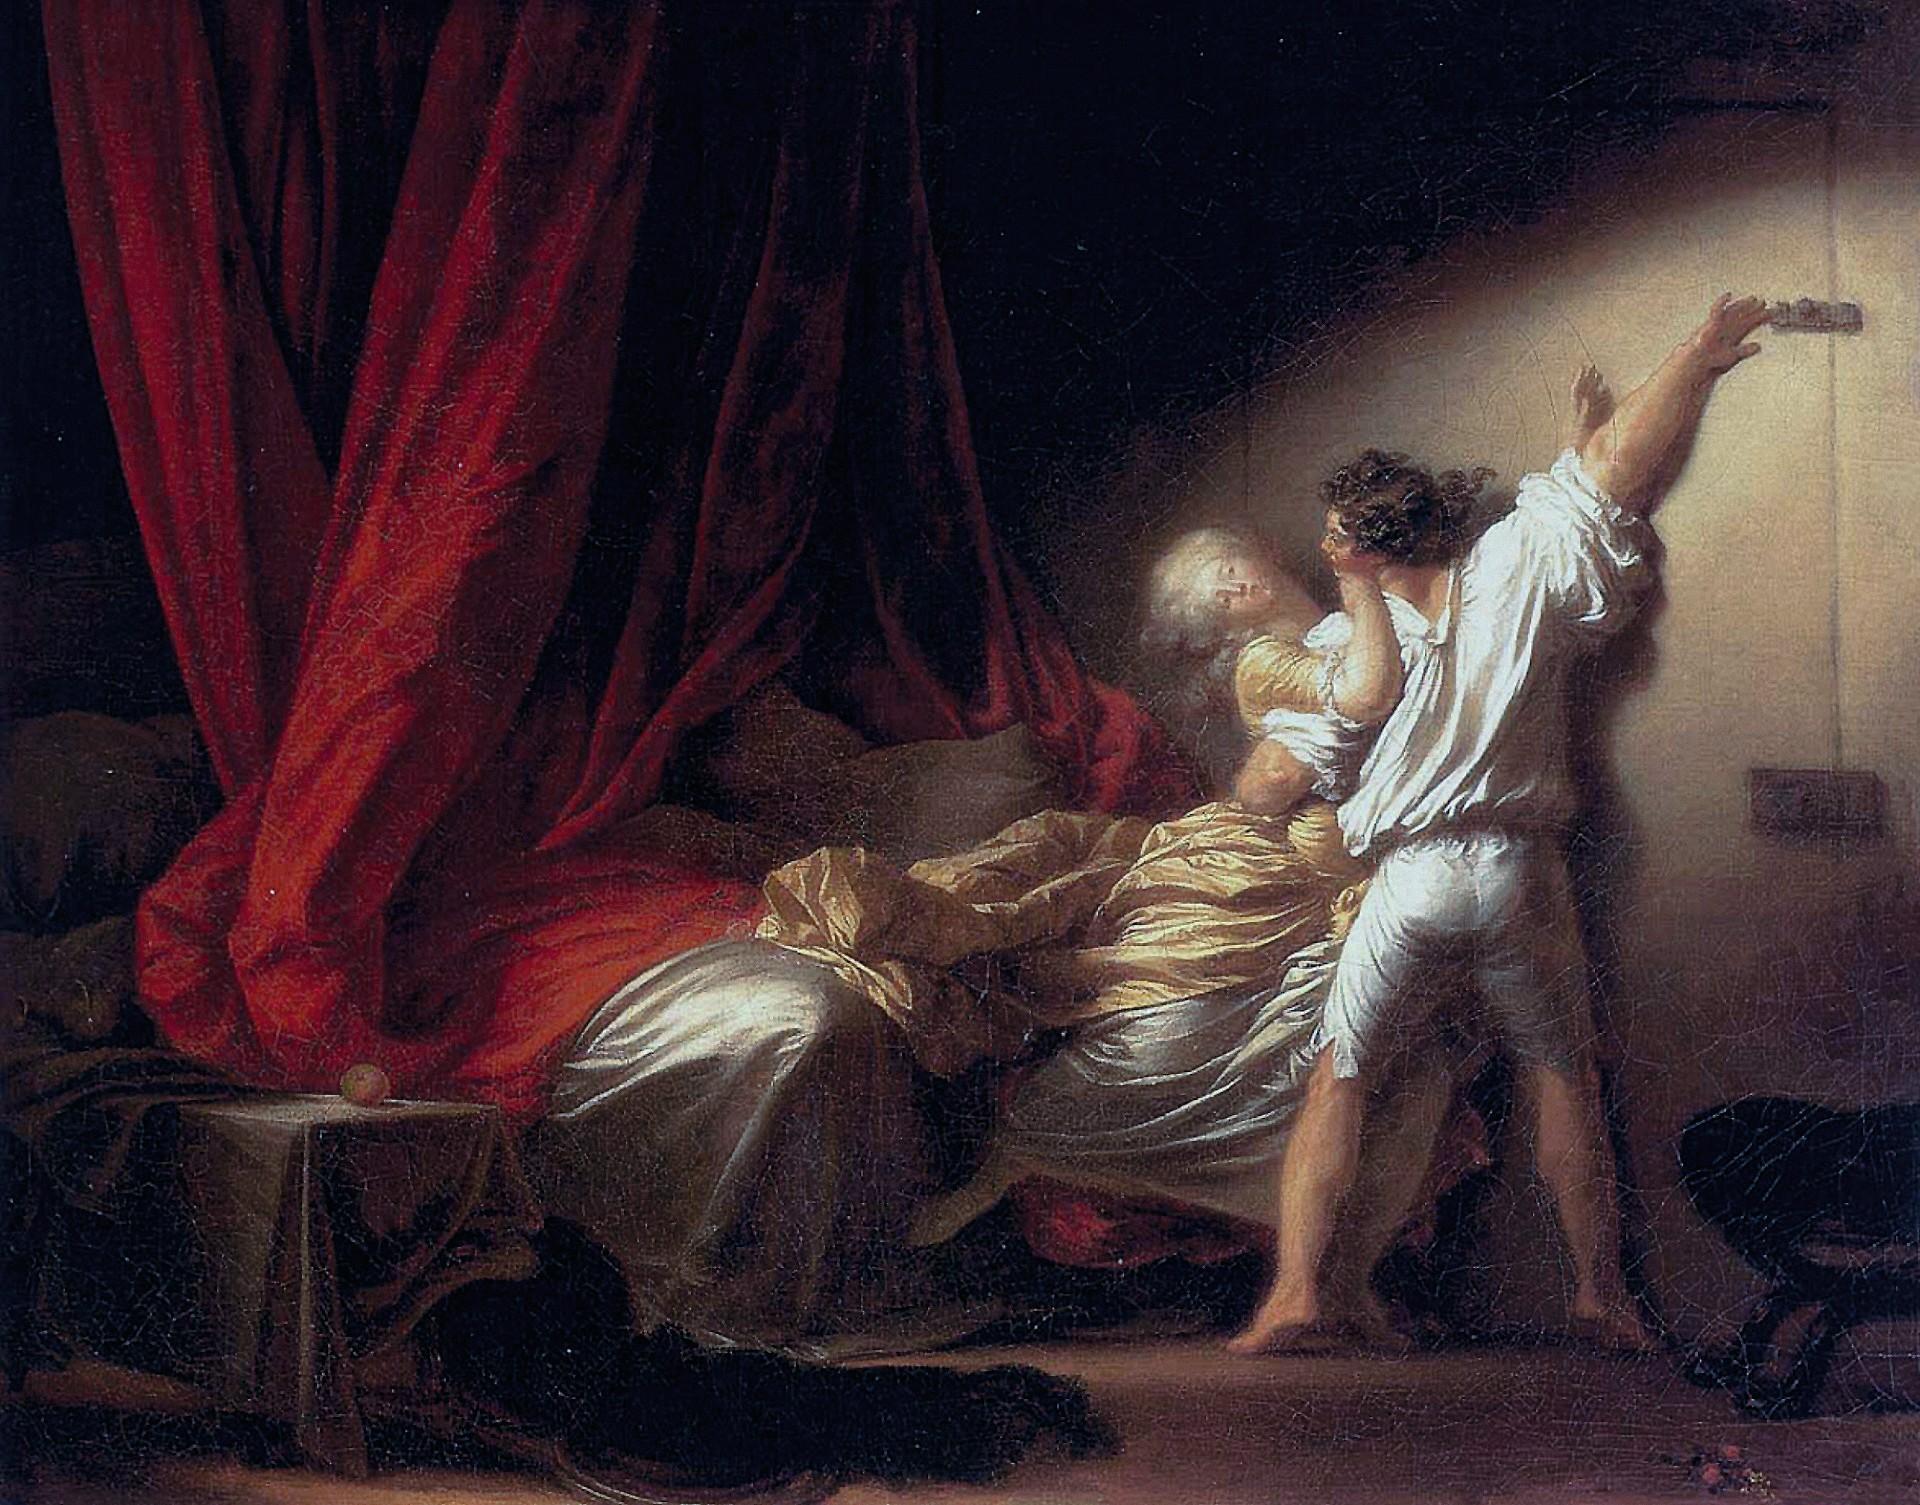 Jean‑Honoré Fragonard, Le Verrou, 1774 - 1778, huile sur toile, 73 × 93 cm, musée du Louvre, Paris.